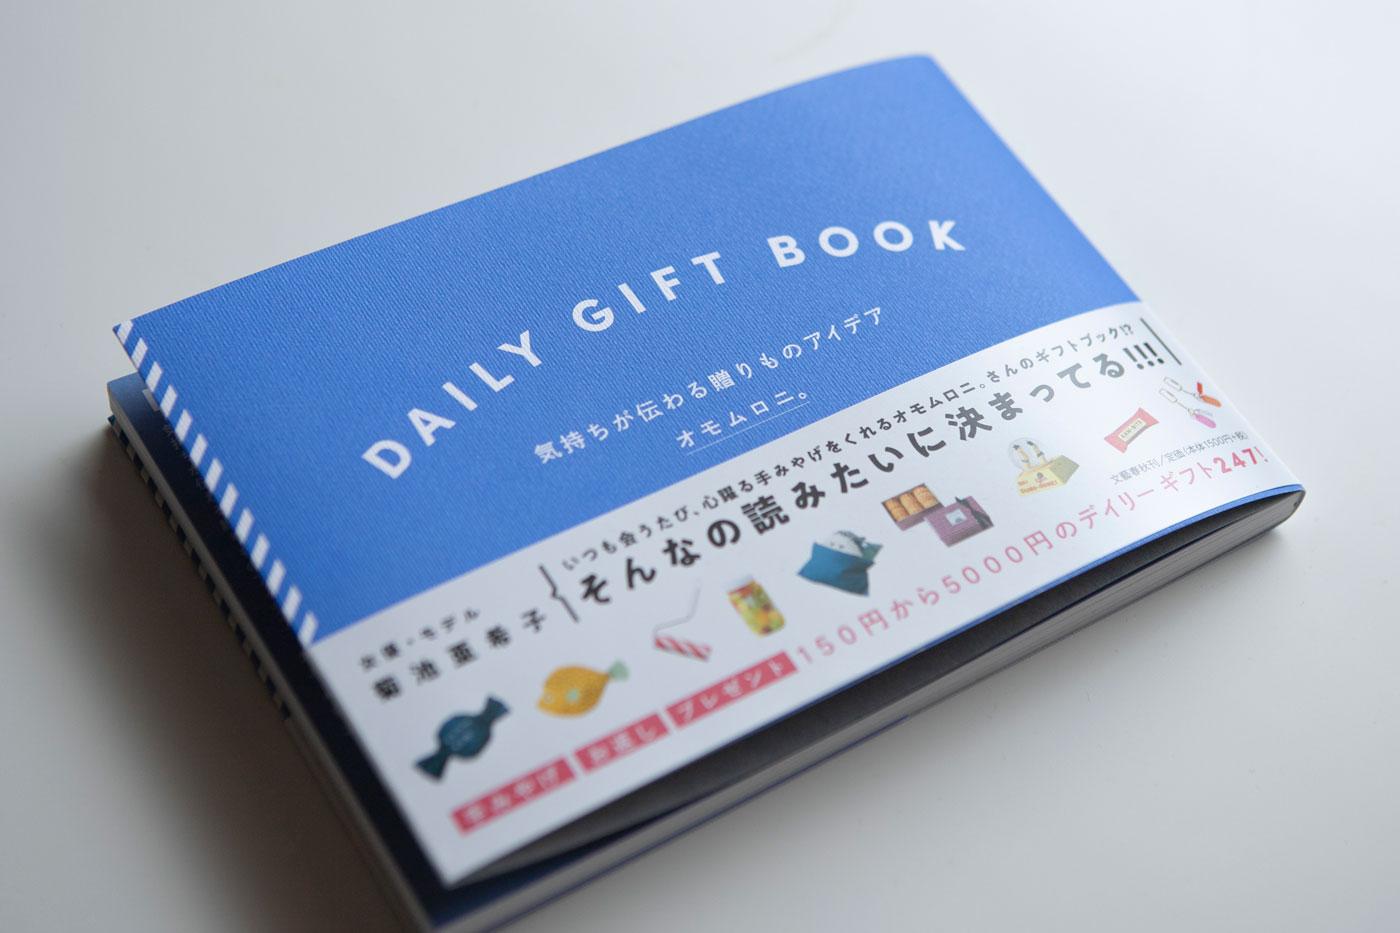 オモムロニ。さんの著書「DAILY GIFT BOOK」